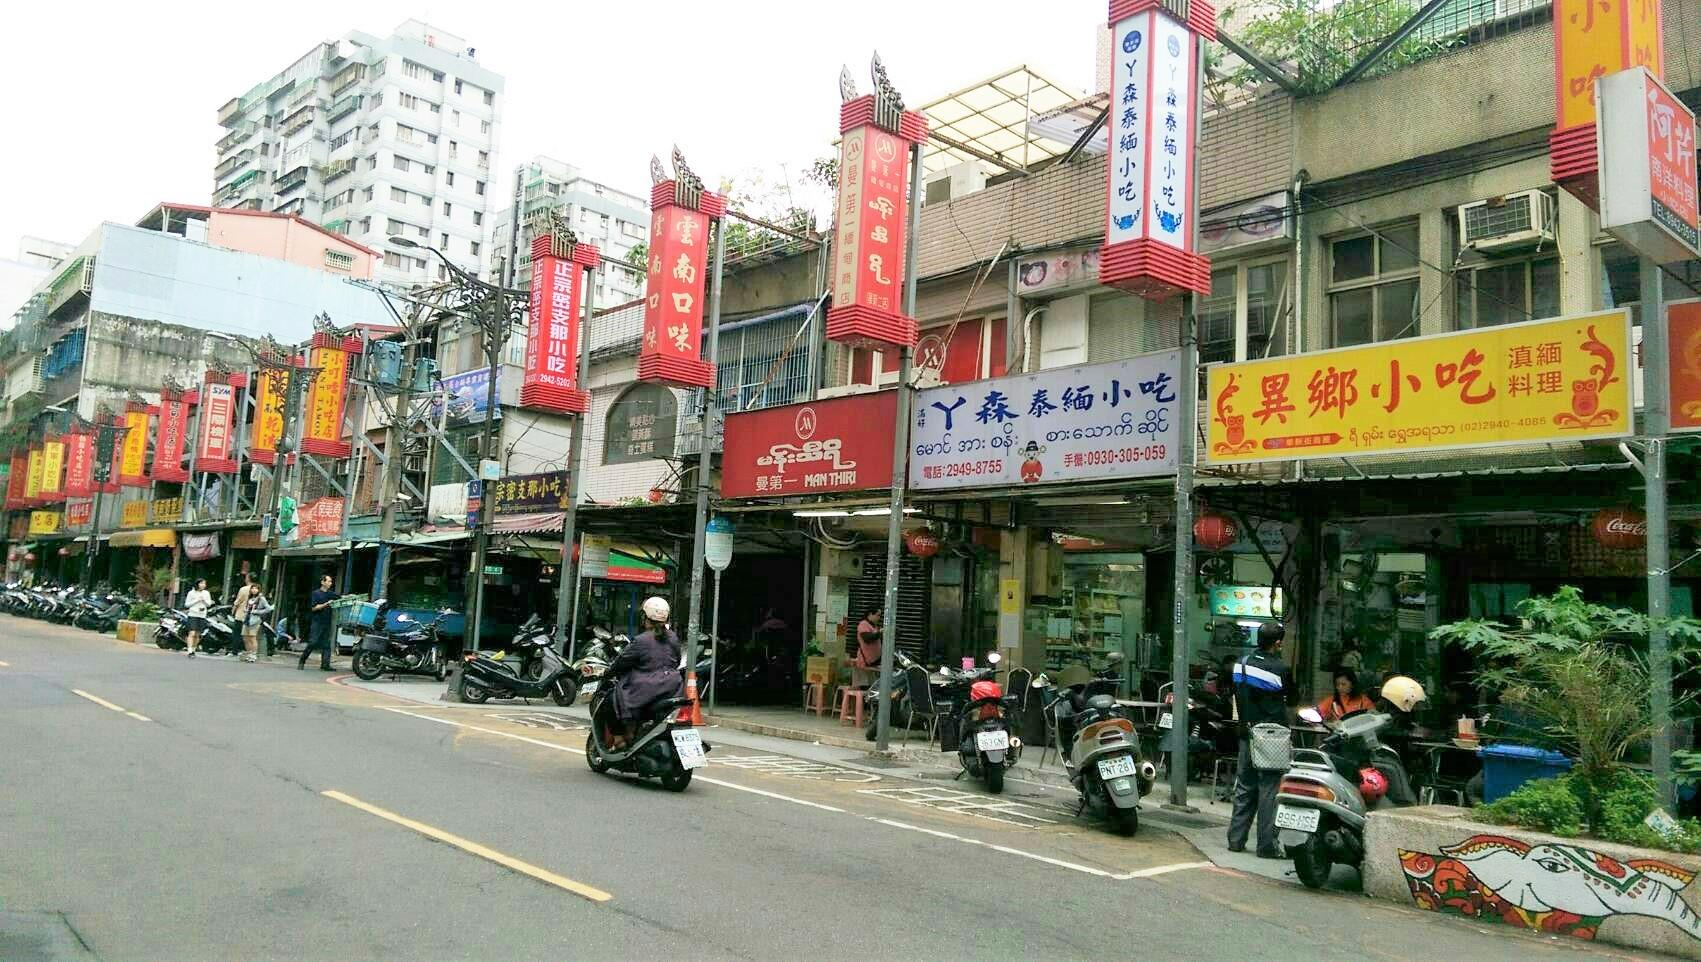 台灣現今社會的街道上,東南亞小吃店林立。攝影/黃馨毅